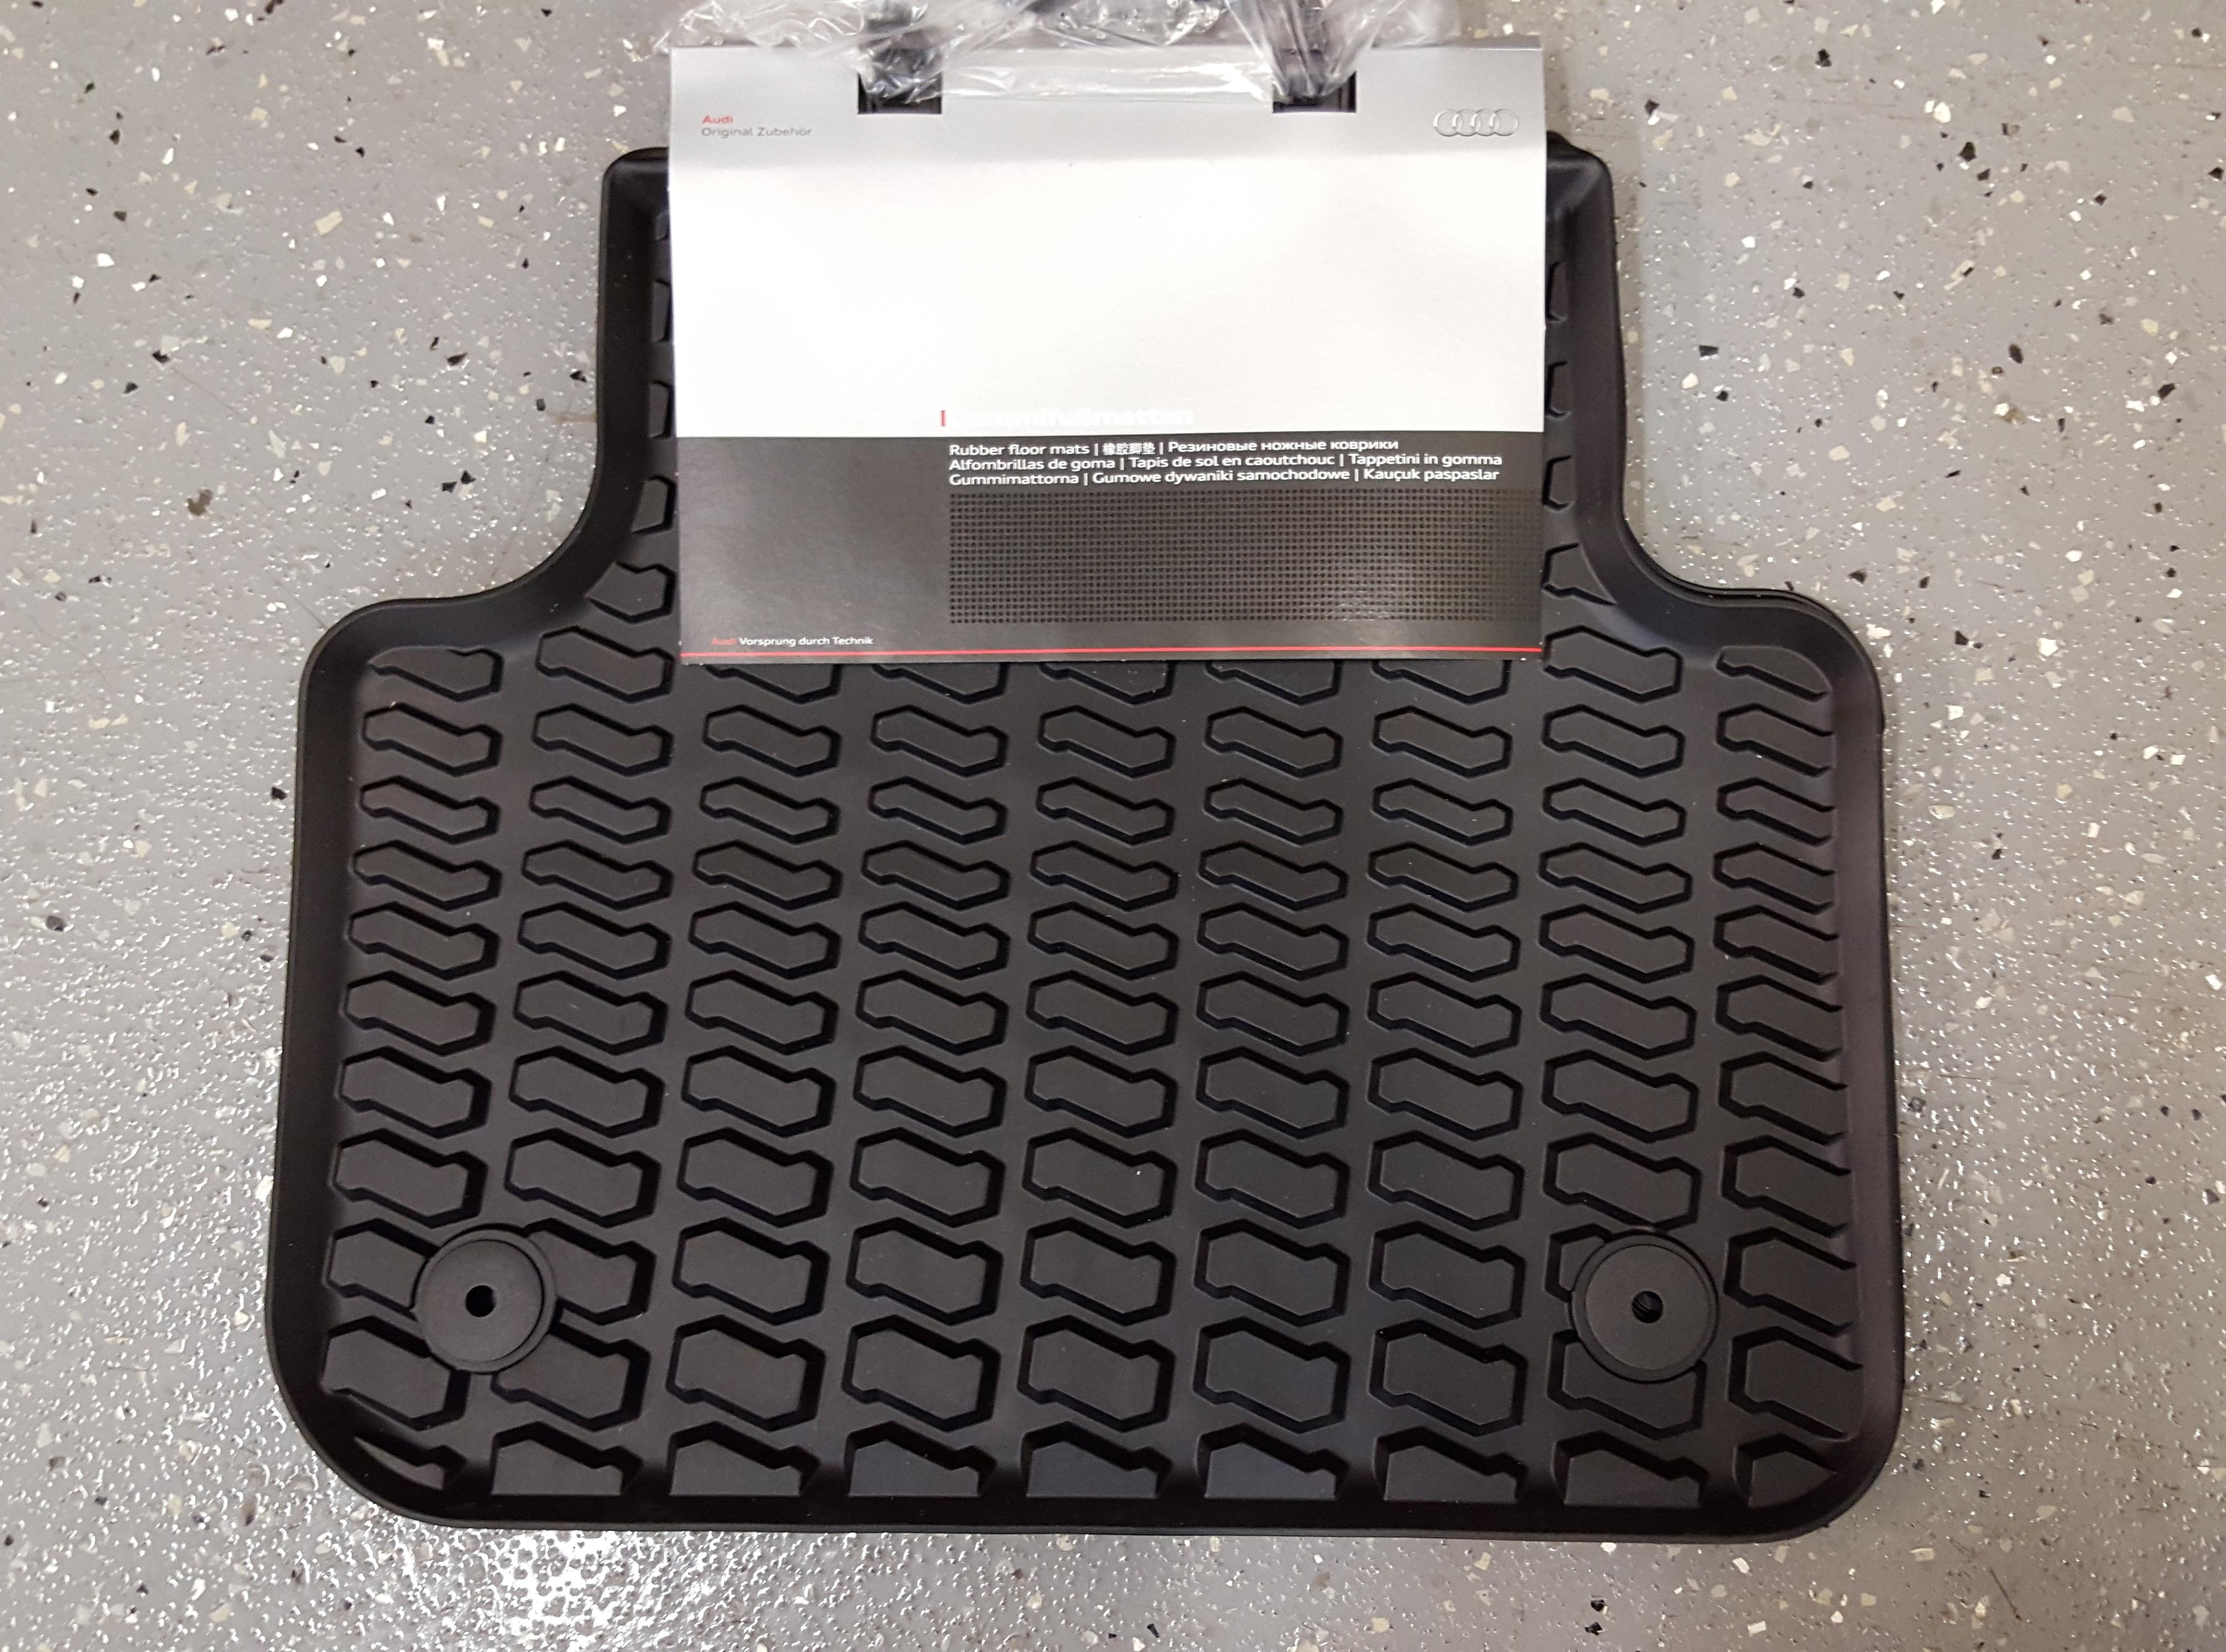 Q7 rubber floor mats - Audi Q7 2017 Genuine Oem Floor Mats Rear Pair 4m0 061 511 041